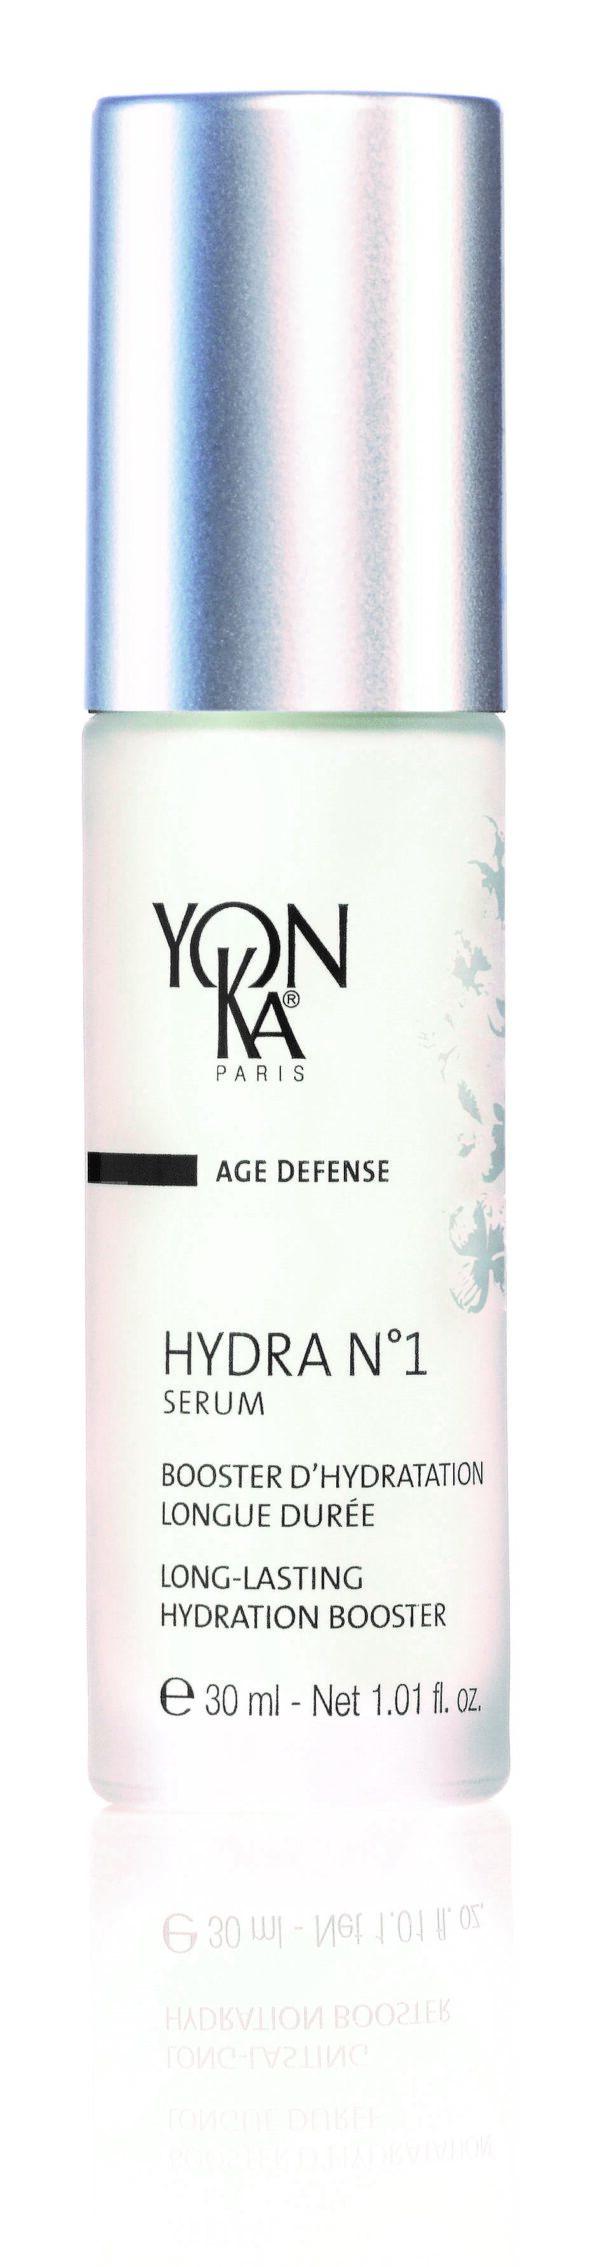 HYDRA N°1 SERUM